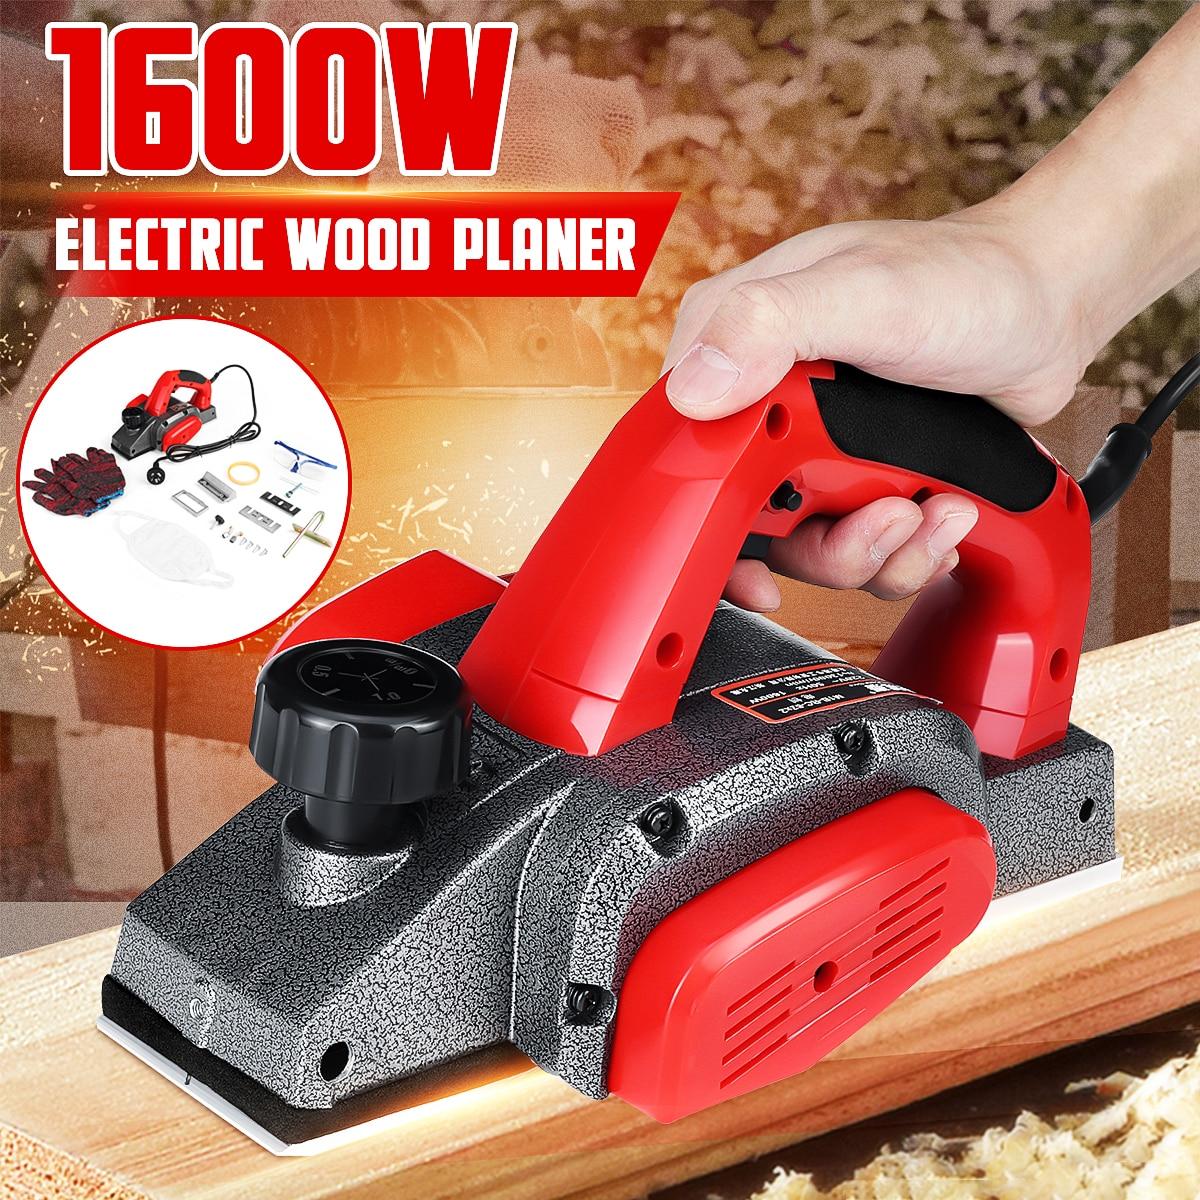 1800 واط/1600 واط/1200 واط الكهربائية المسوي قوية متعددة الوظائف الخشب المسوي يده الأسلاك النحاسية النجار النجارة لتقوم بها بنفسك الخشب